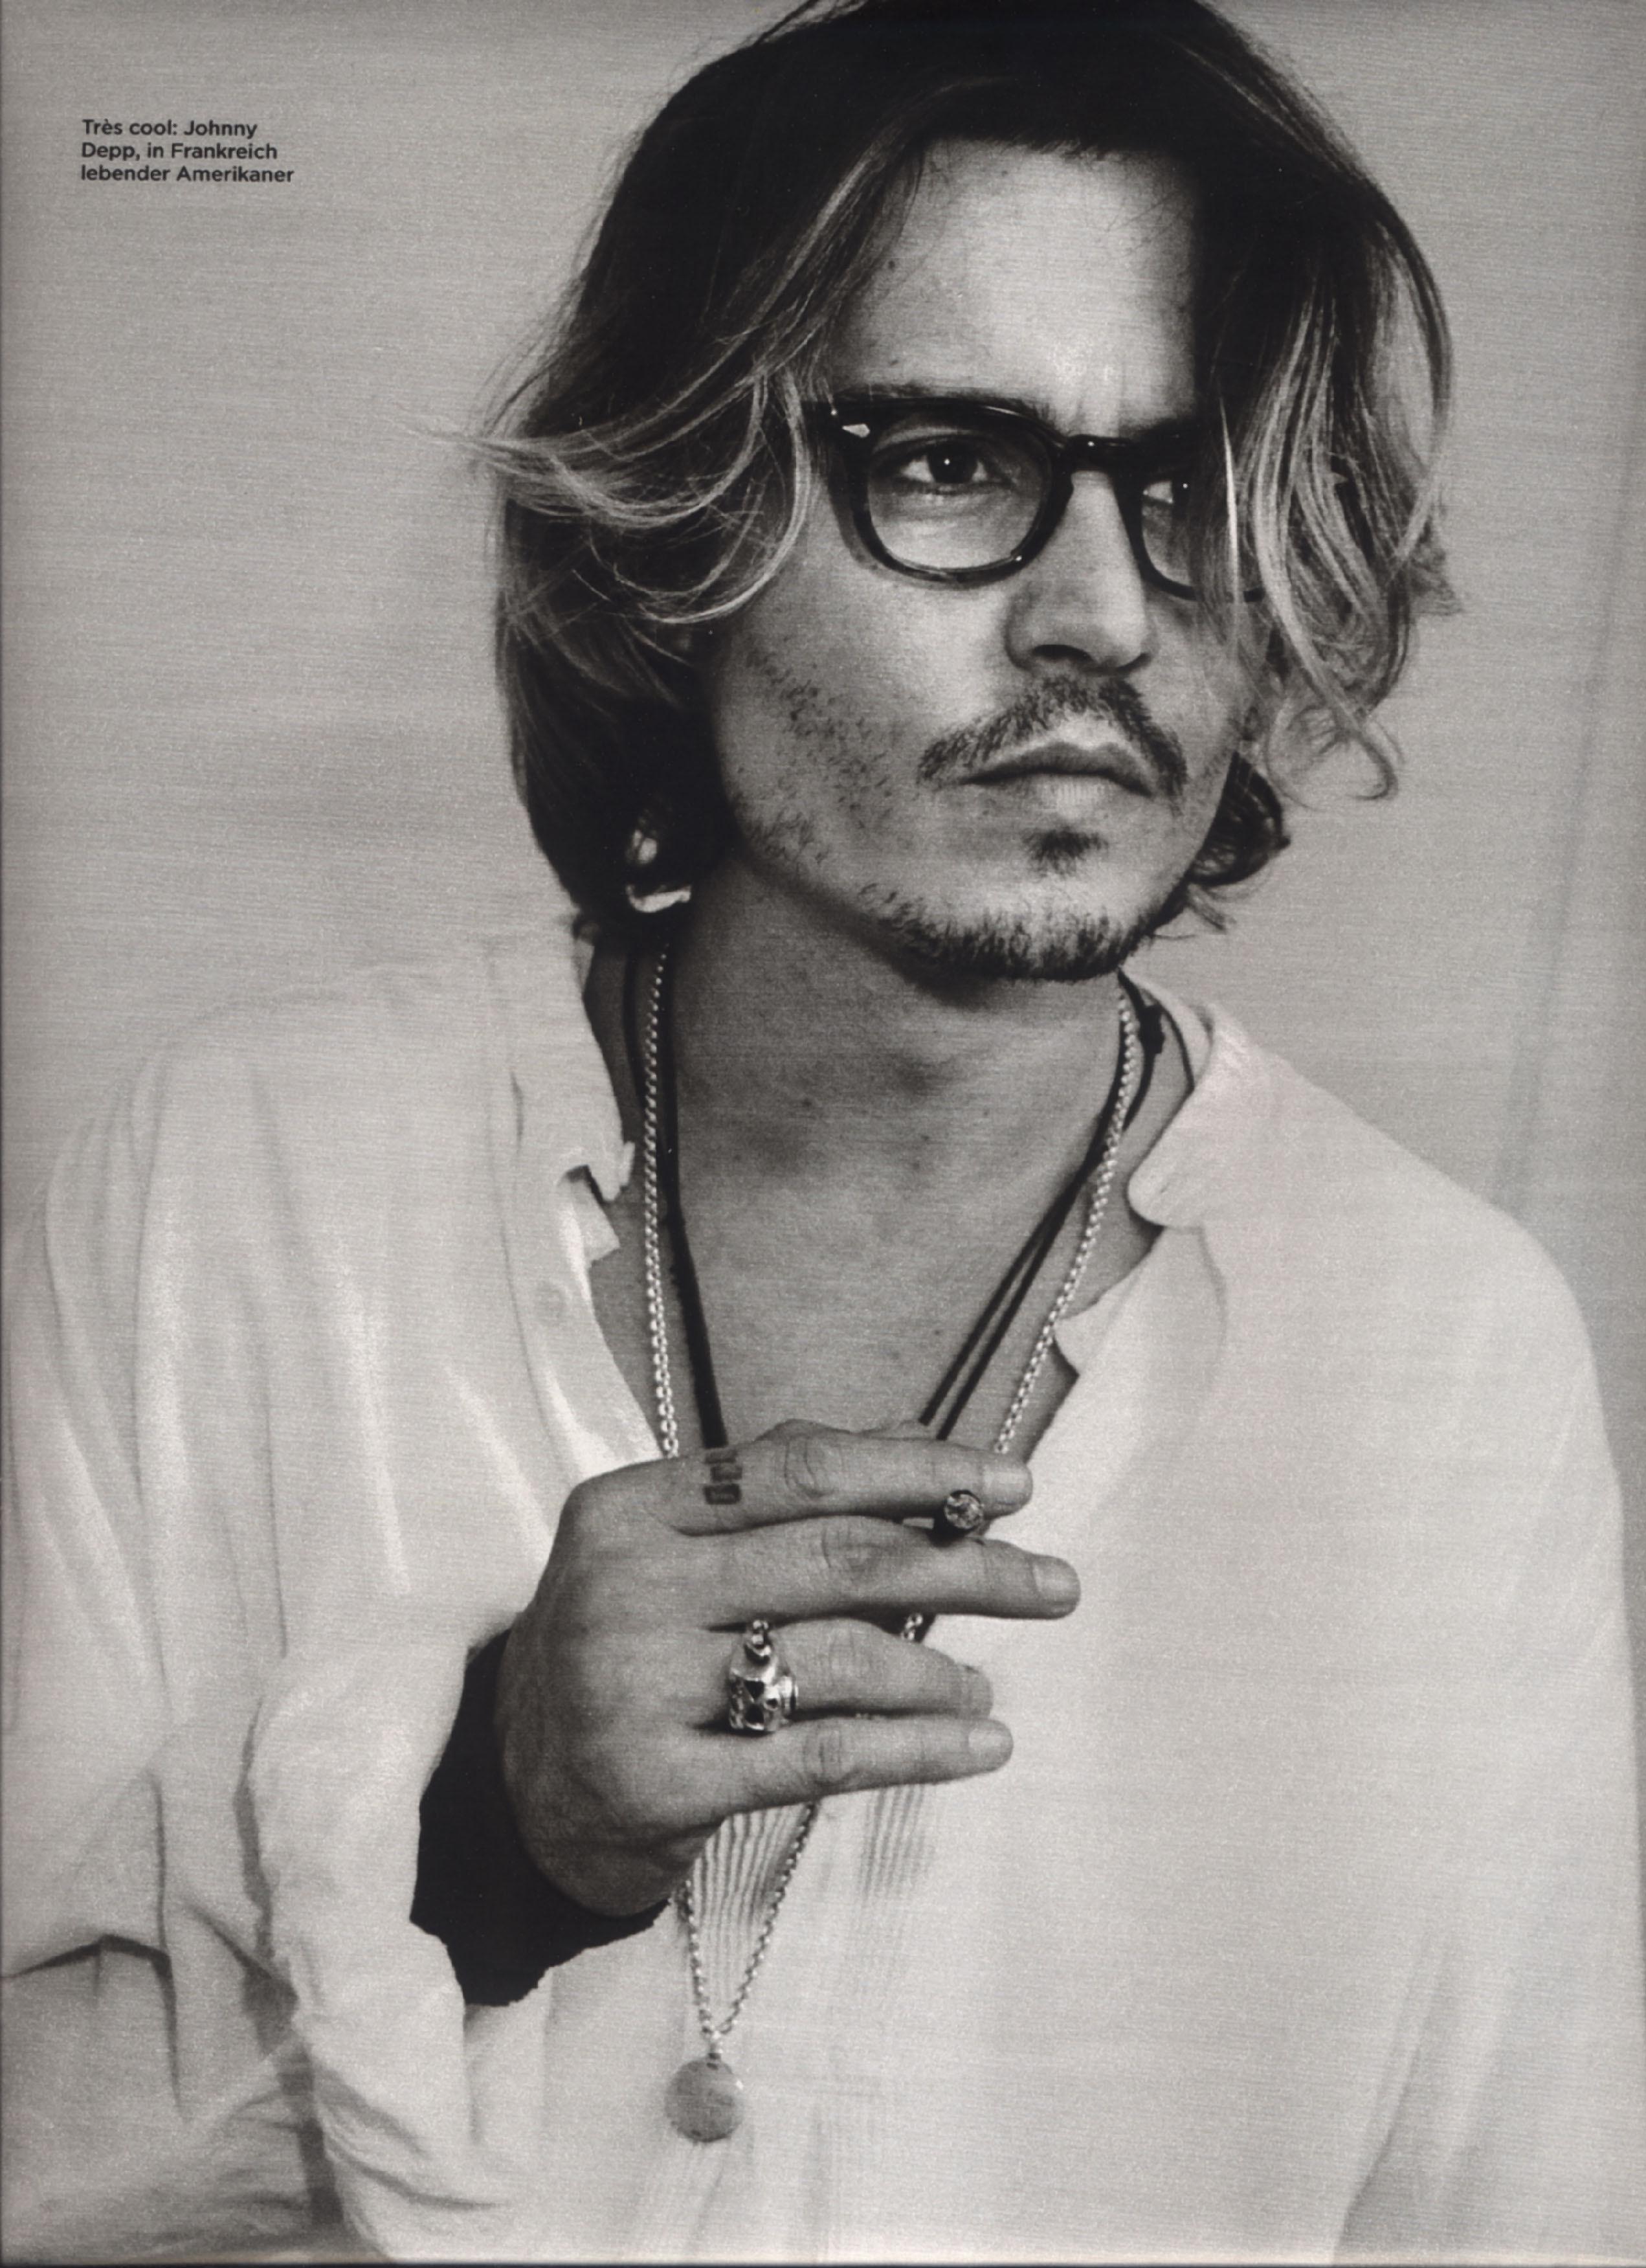 13637 скачать обои Люди, Актеры, Мужчины, Джонни Депп (Johnny Depp) - заставки и картинки бесплатно